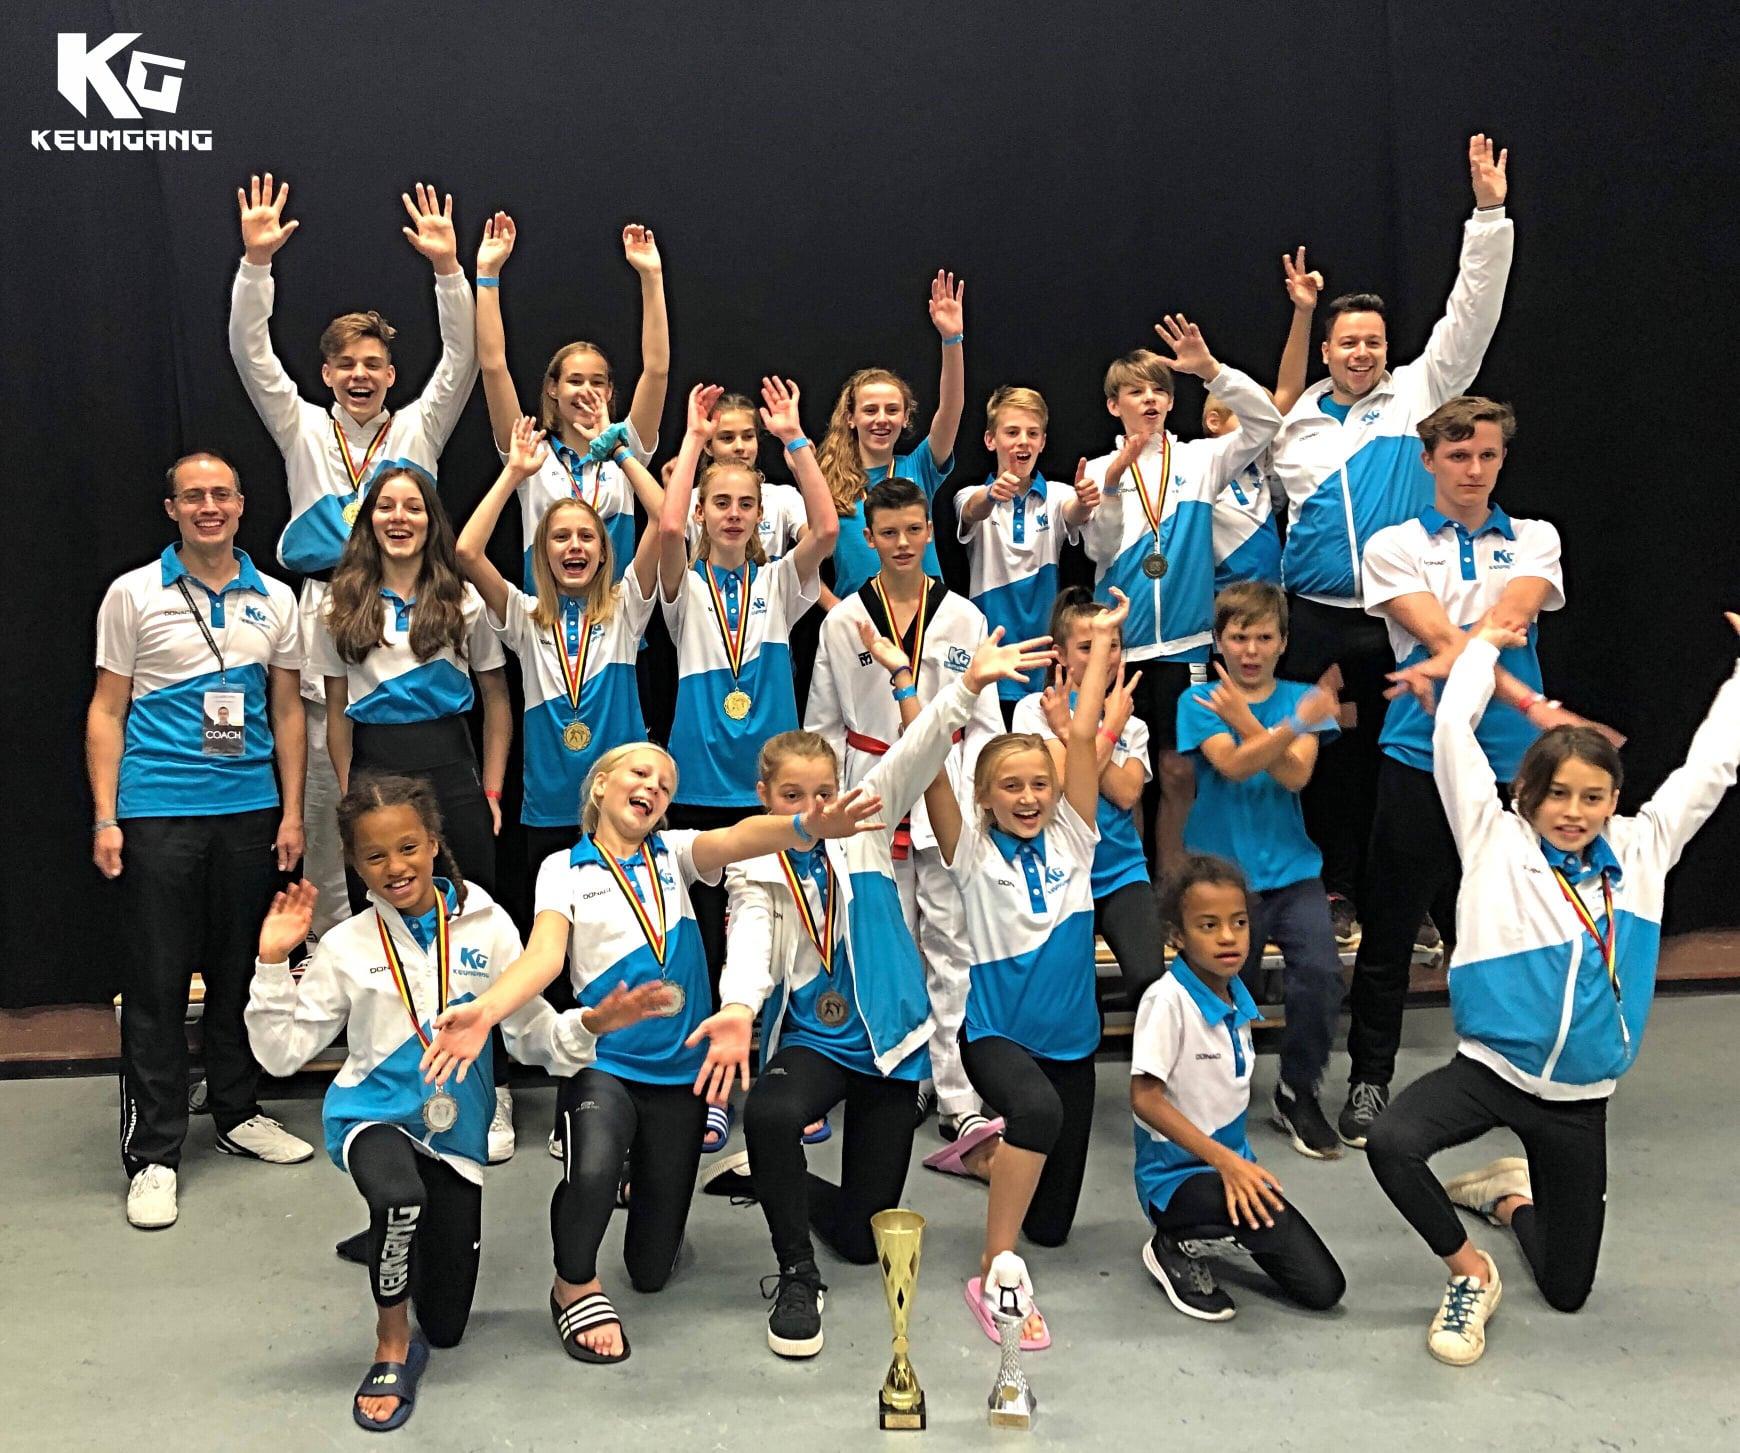 Ilyo Open 2019 - 29.09.2019.jpg